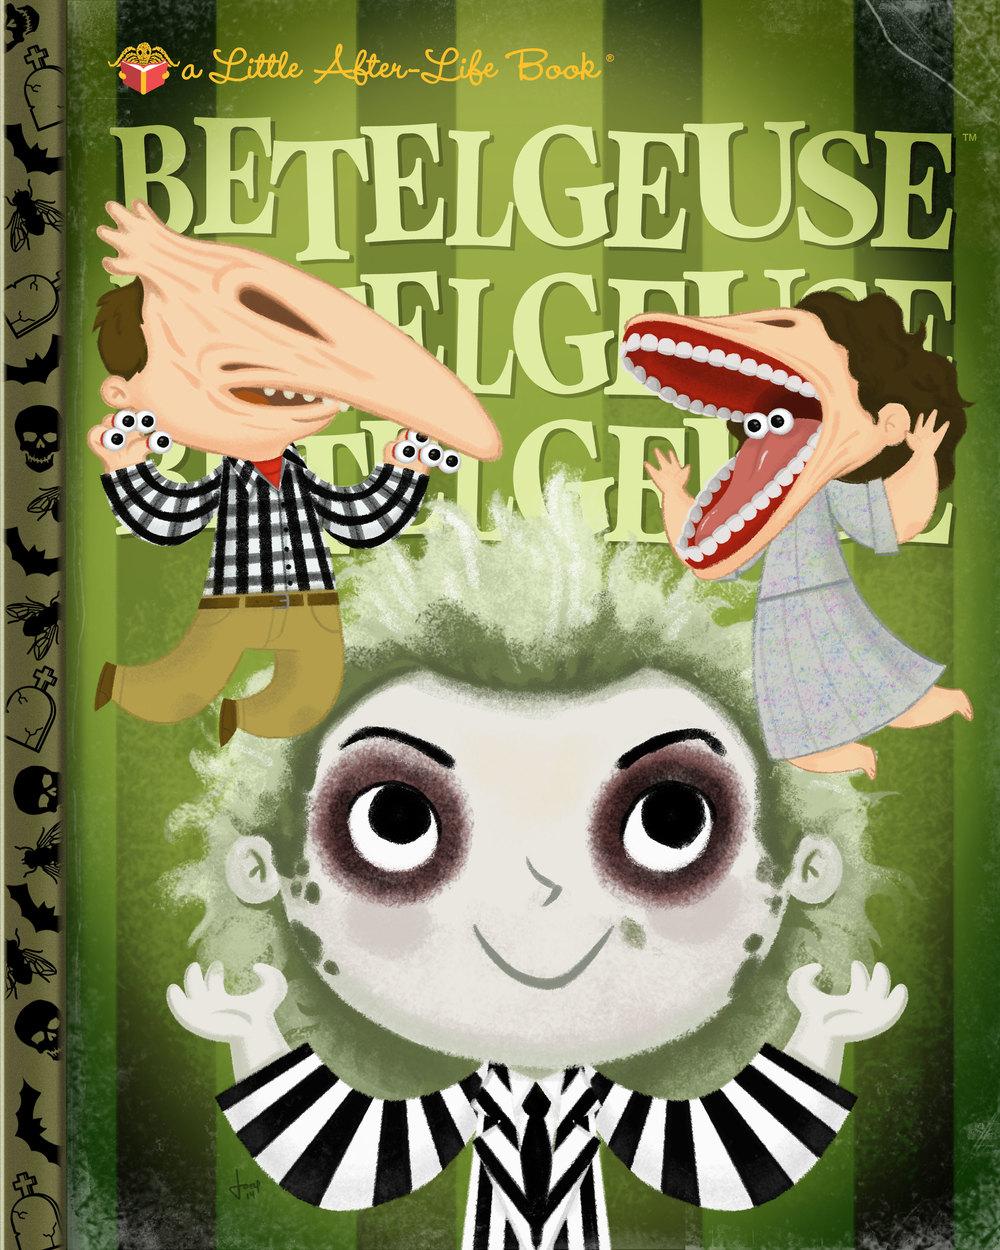 Beetlejuice-45.jpg